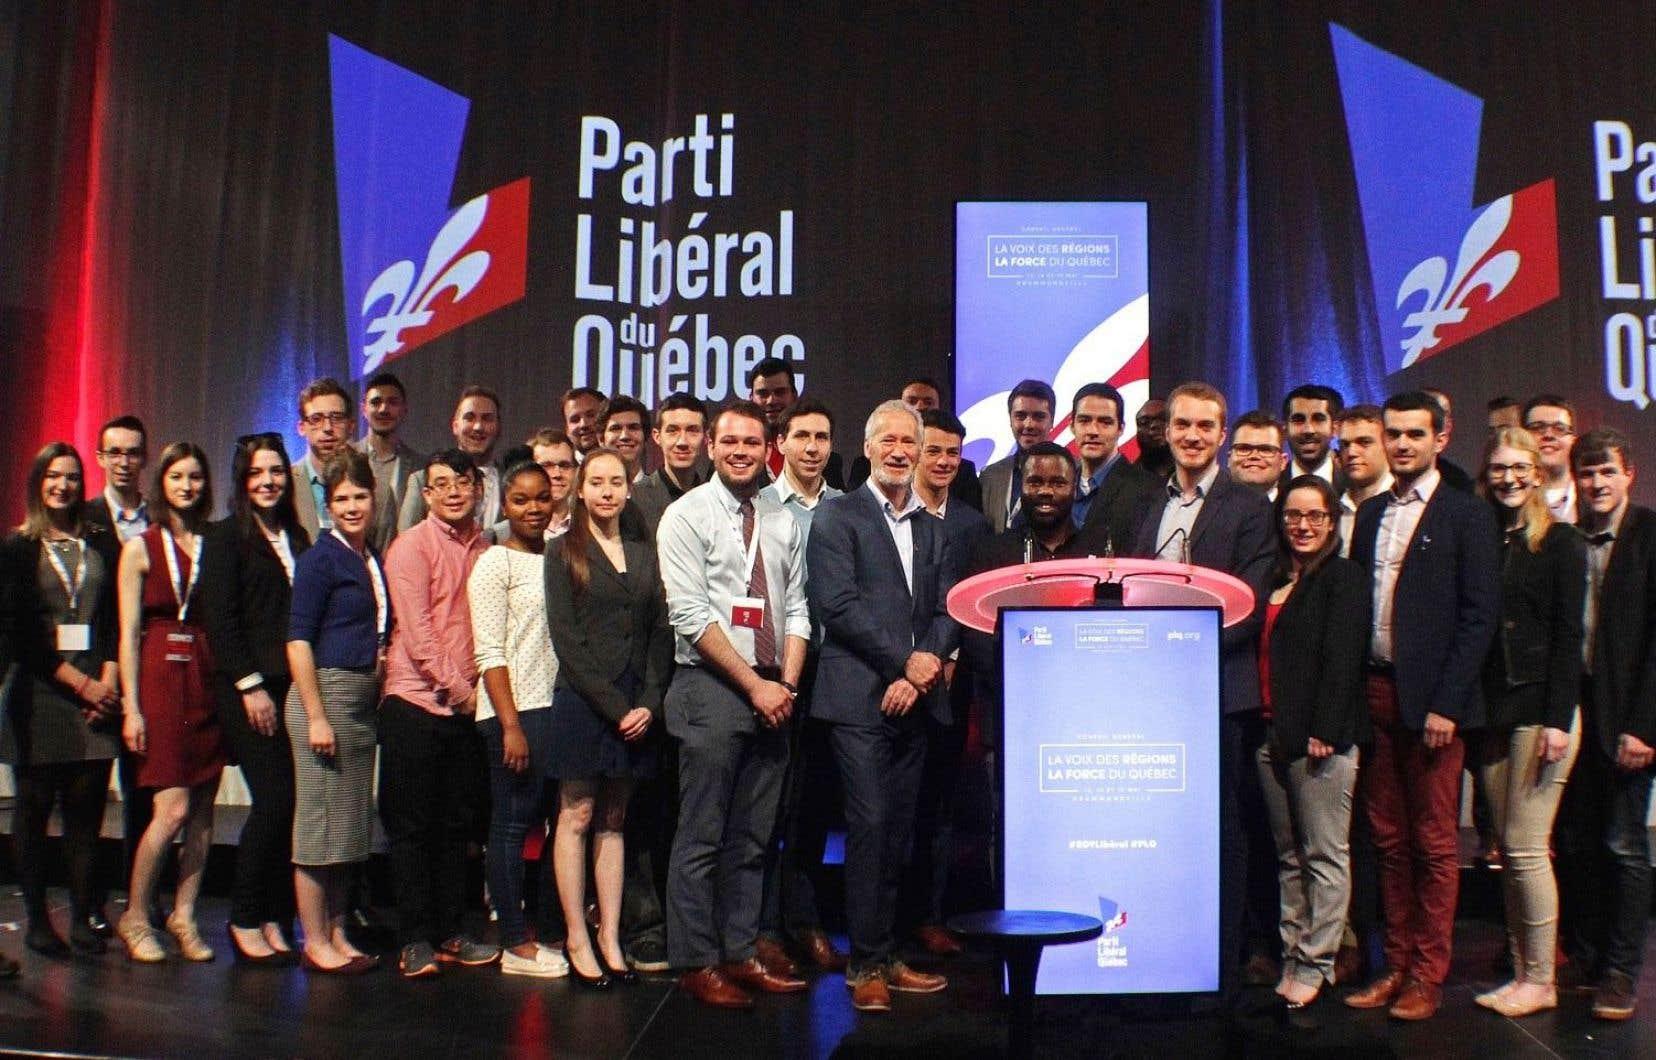 Membres de la Commission-Jeunesse du Parti libéral du Québec, le 15 mai 2016, lors du Conseil Général du Parti libéral du Québec